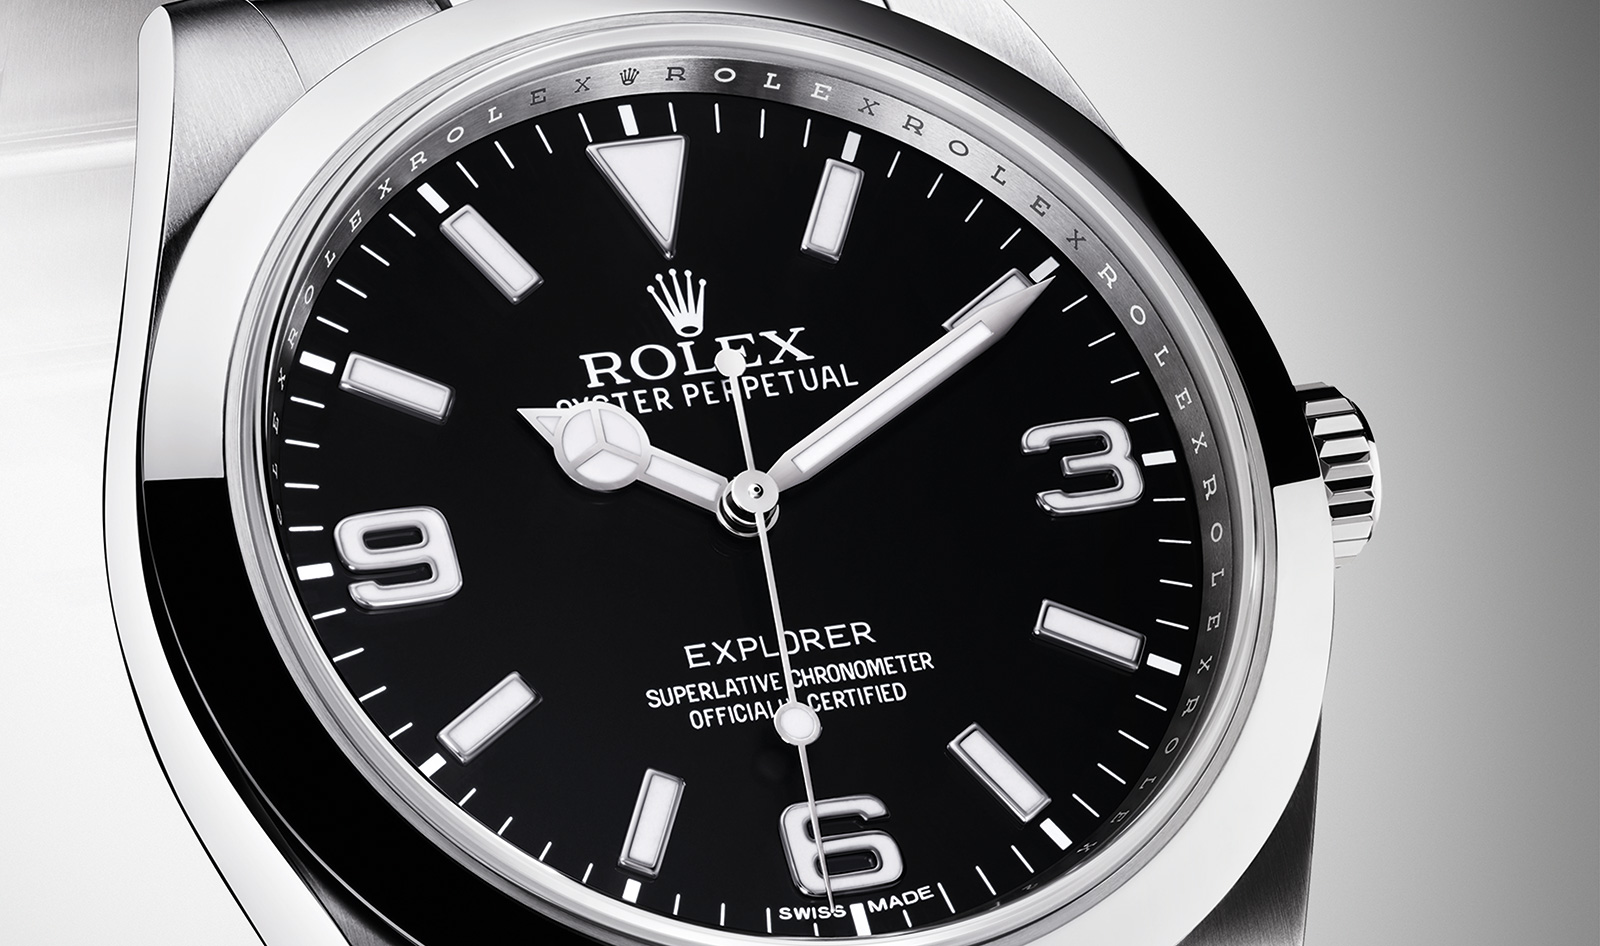 Rolex Explorer ref. 214270 - 4